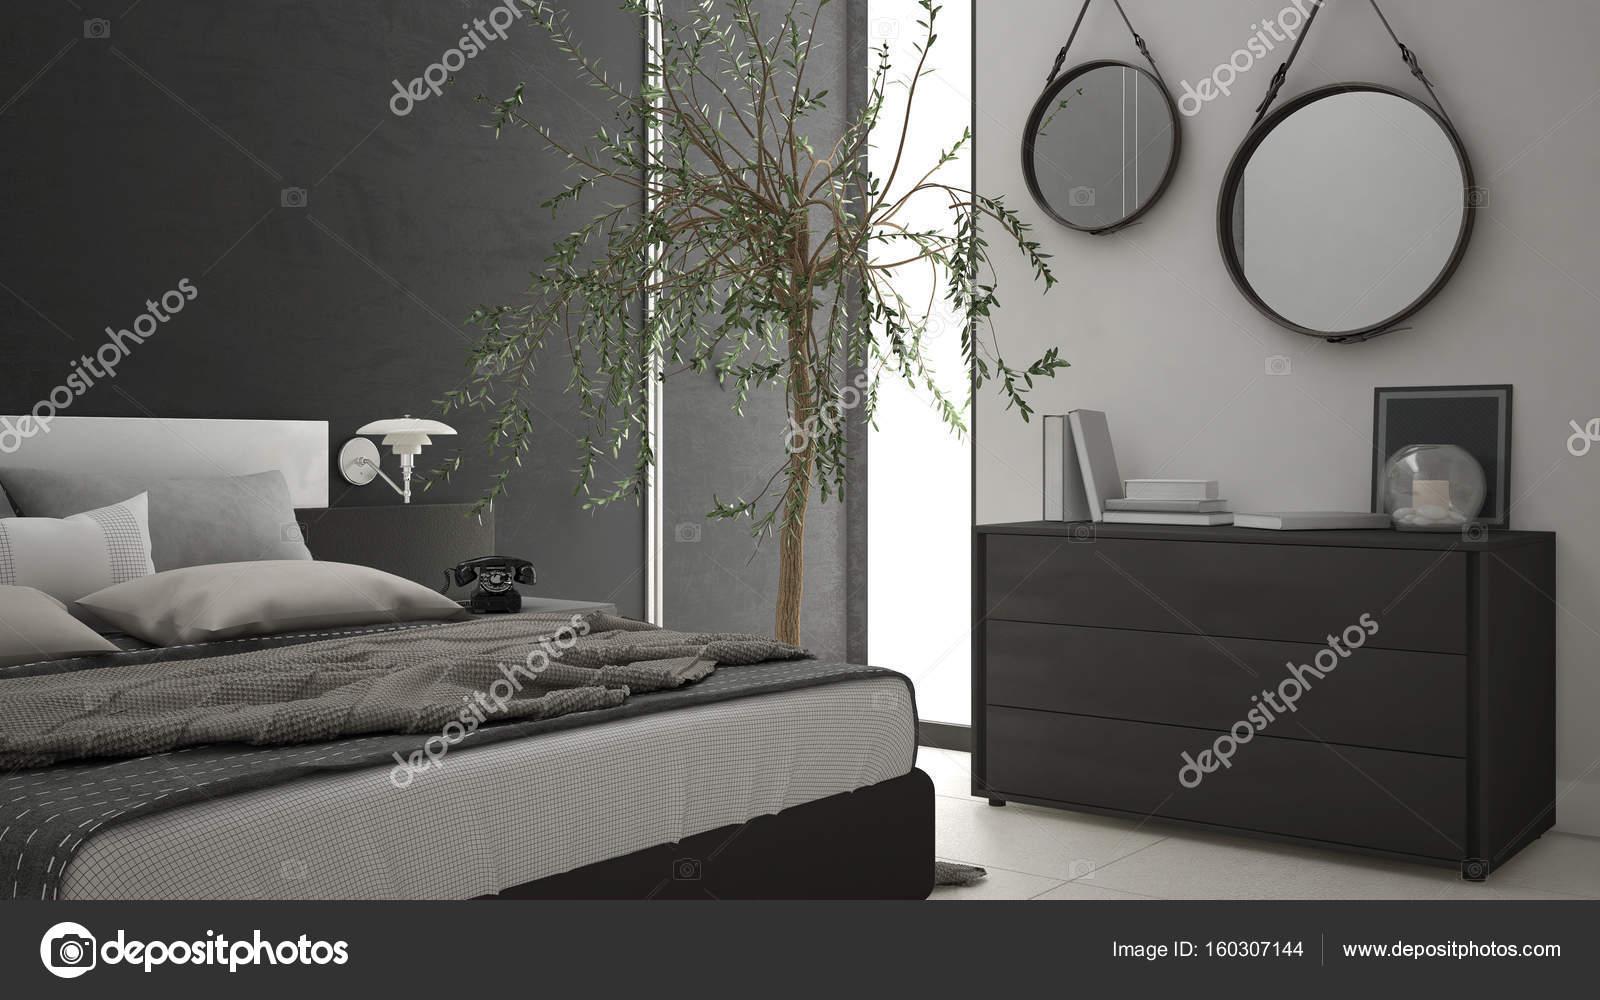 Cassettiera Camera Letto : Moderna camera da letto con finestra cassettiera con cassetti e